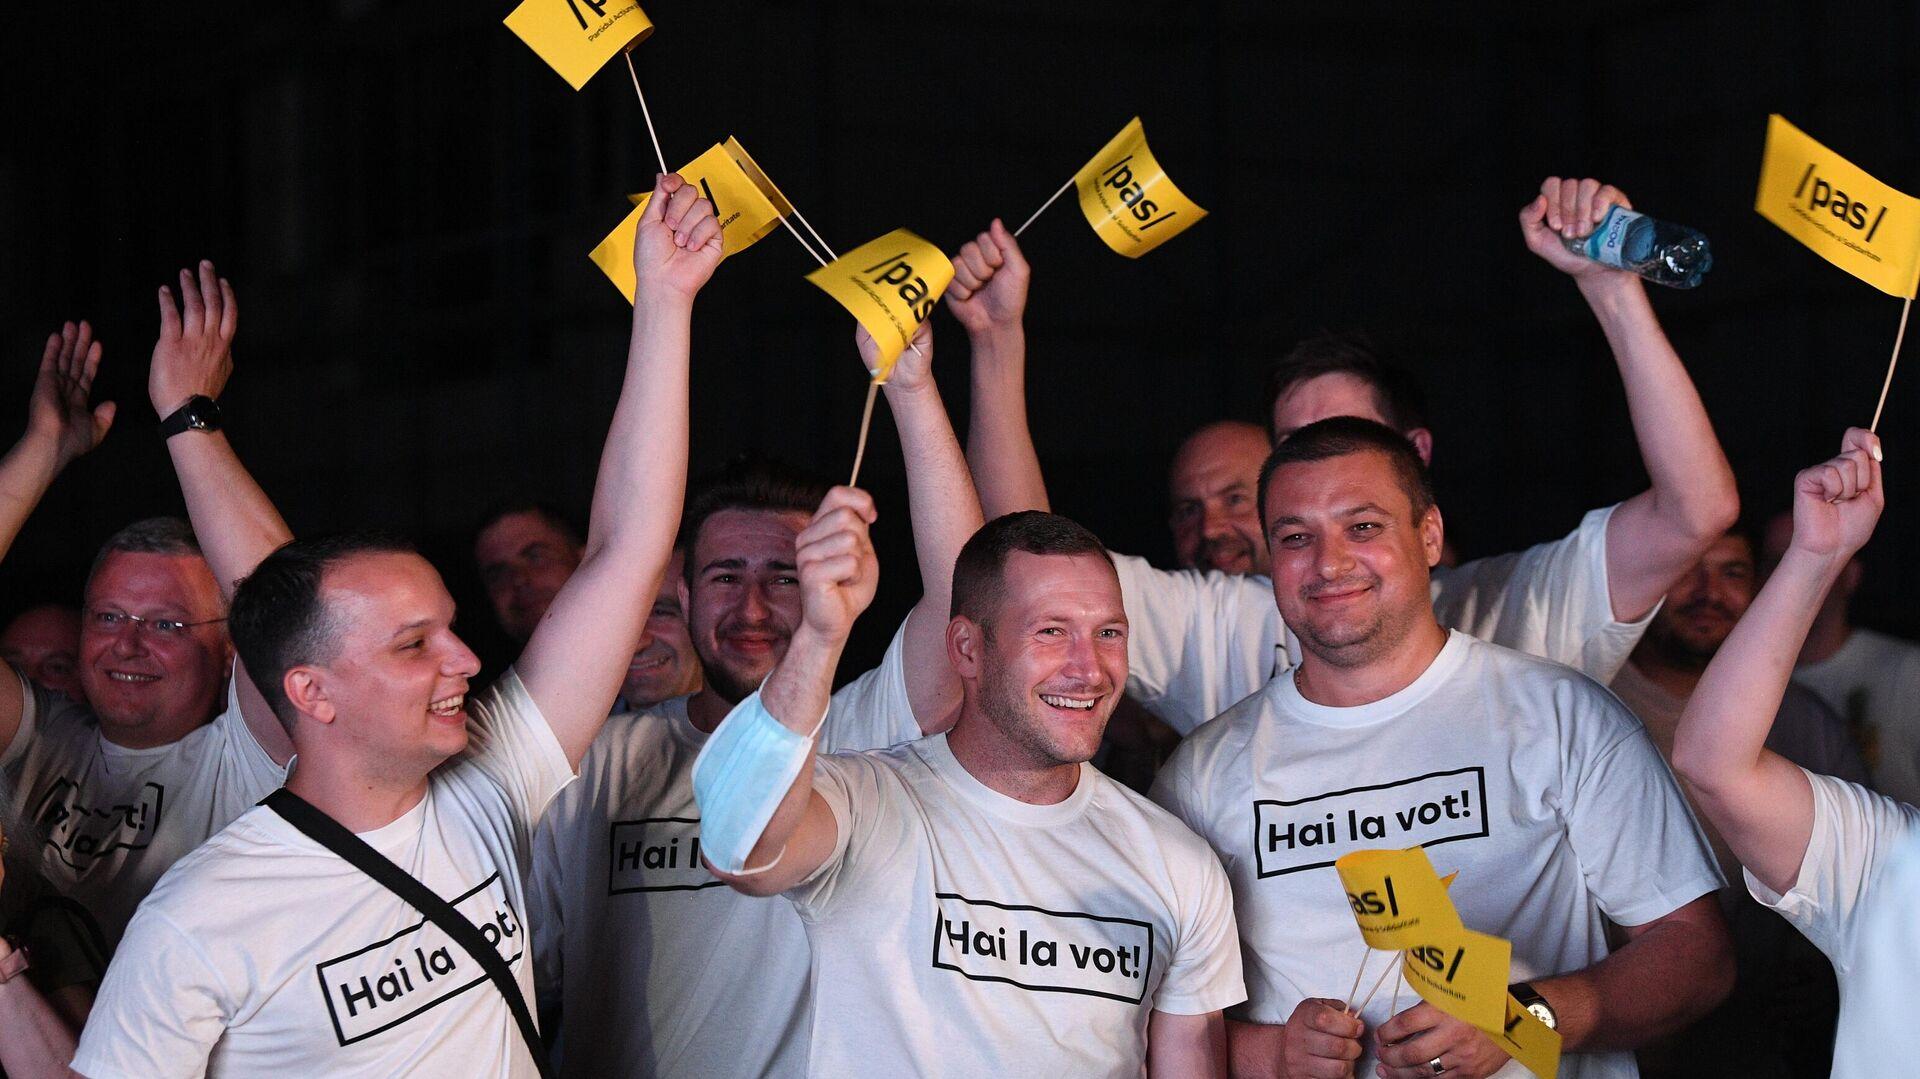 Сторонники партии Действие и солидарность во время объявления результатов досрочных парламентских выборов в Молдавии - РИА Новости, 1920, 12.07.2021